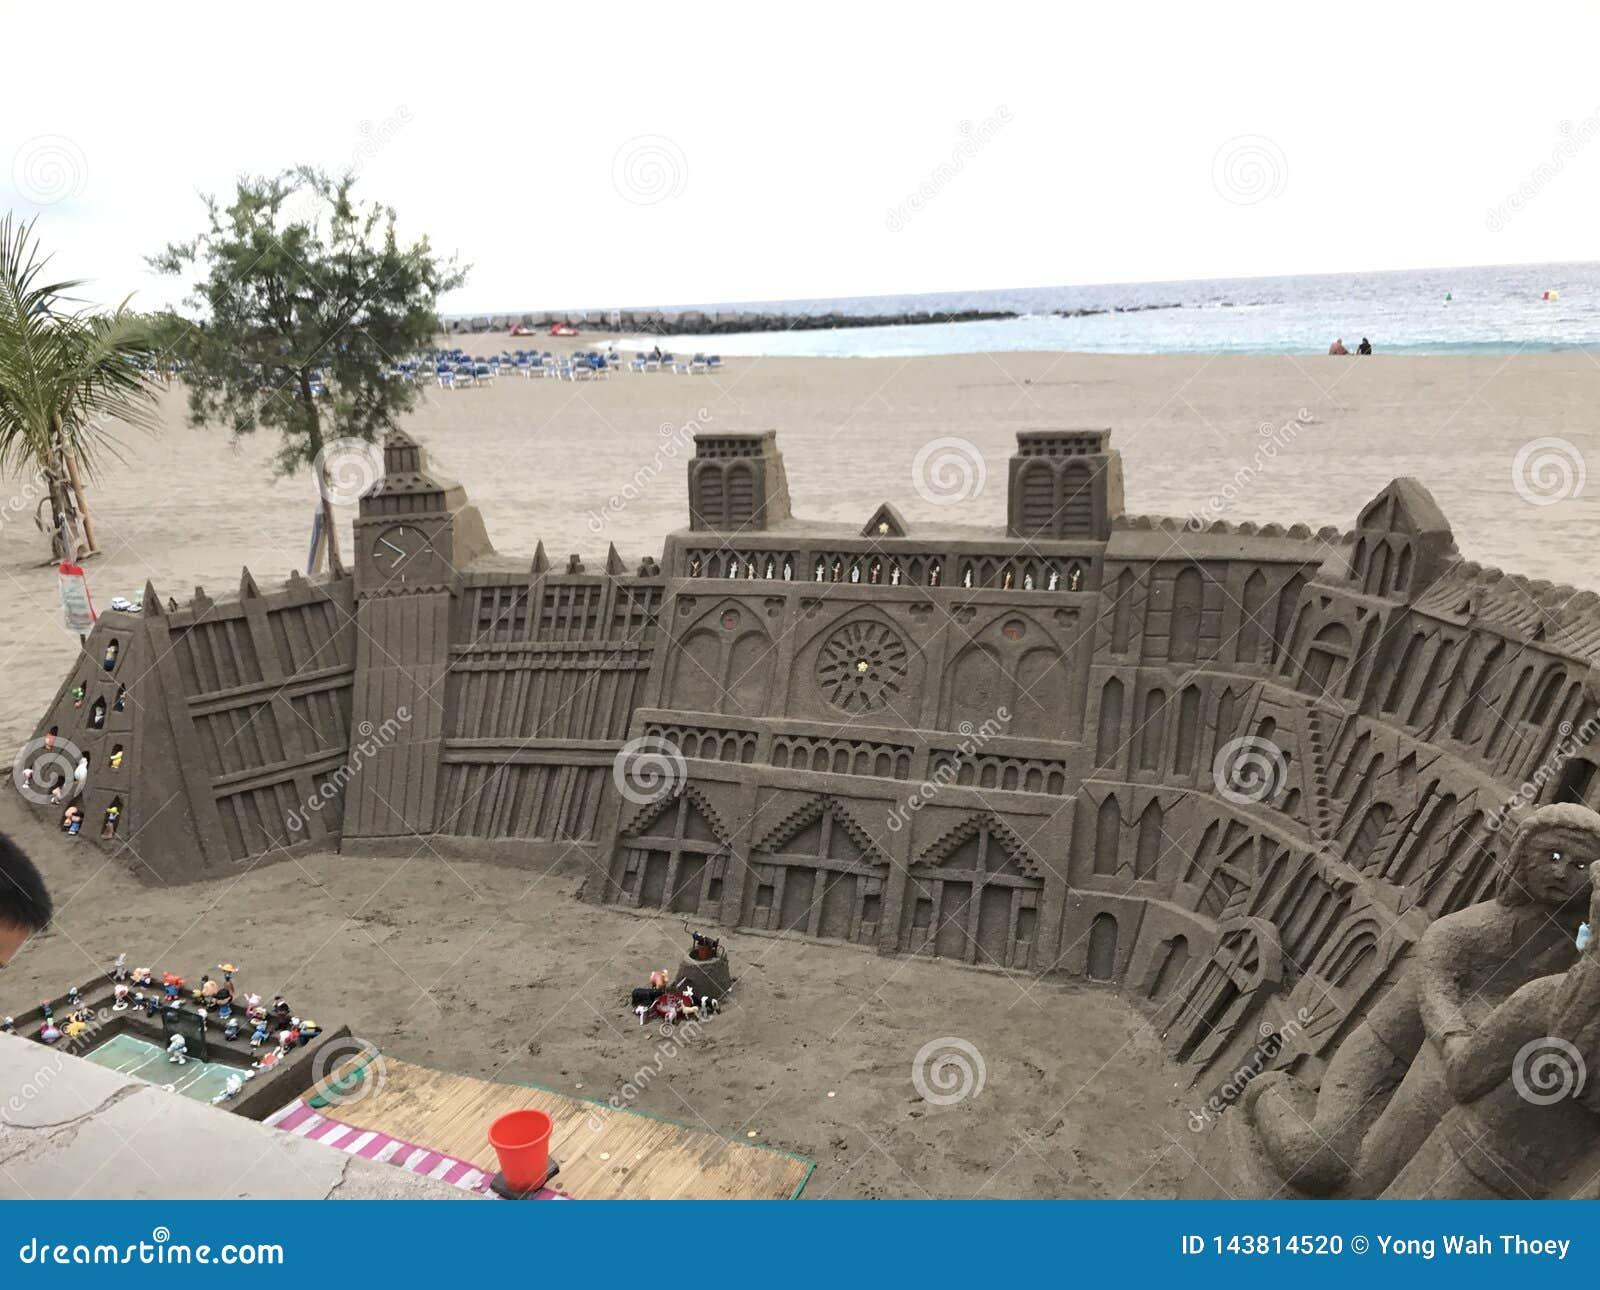 Amazing huge sand castle Tenerife